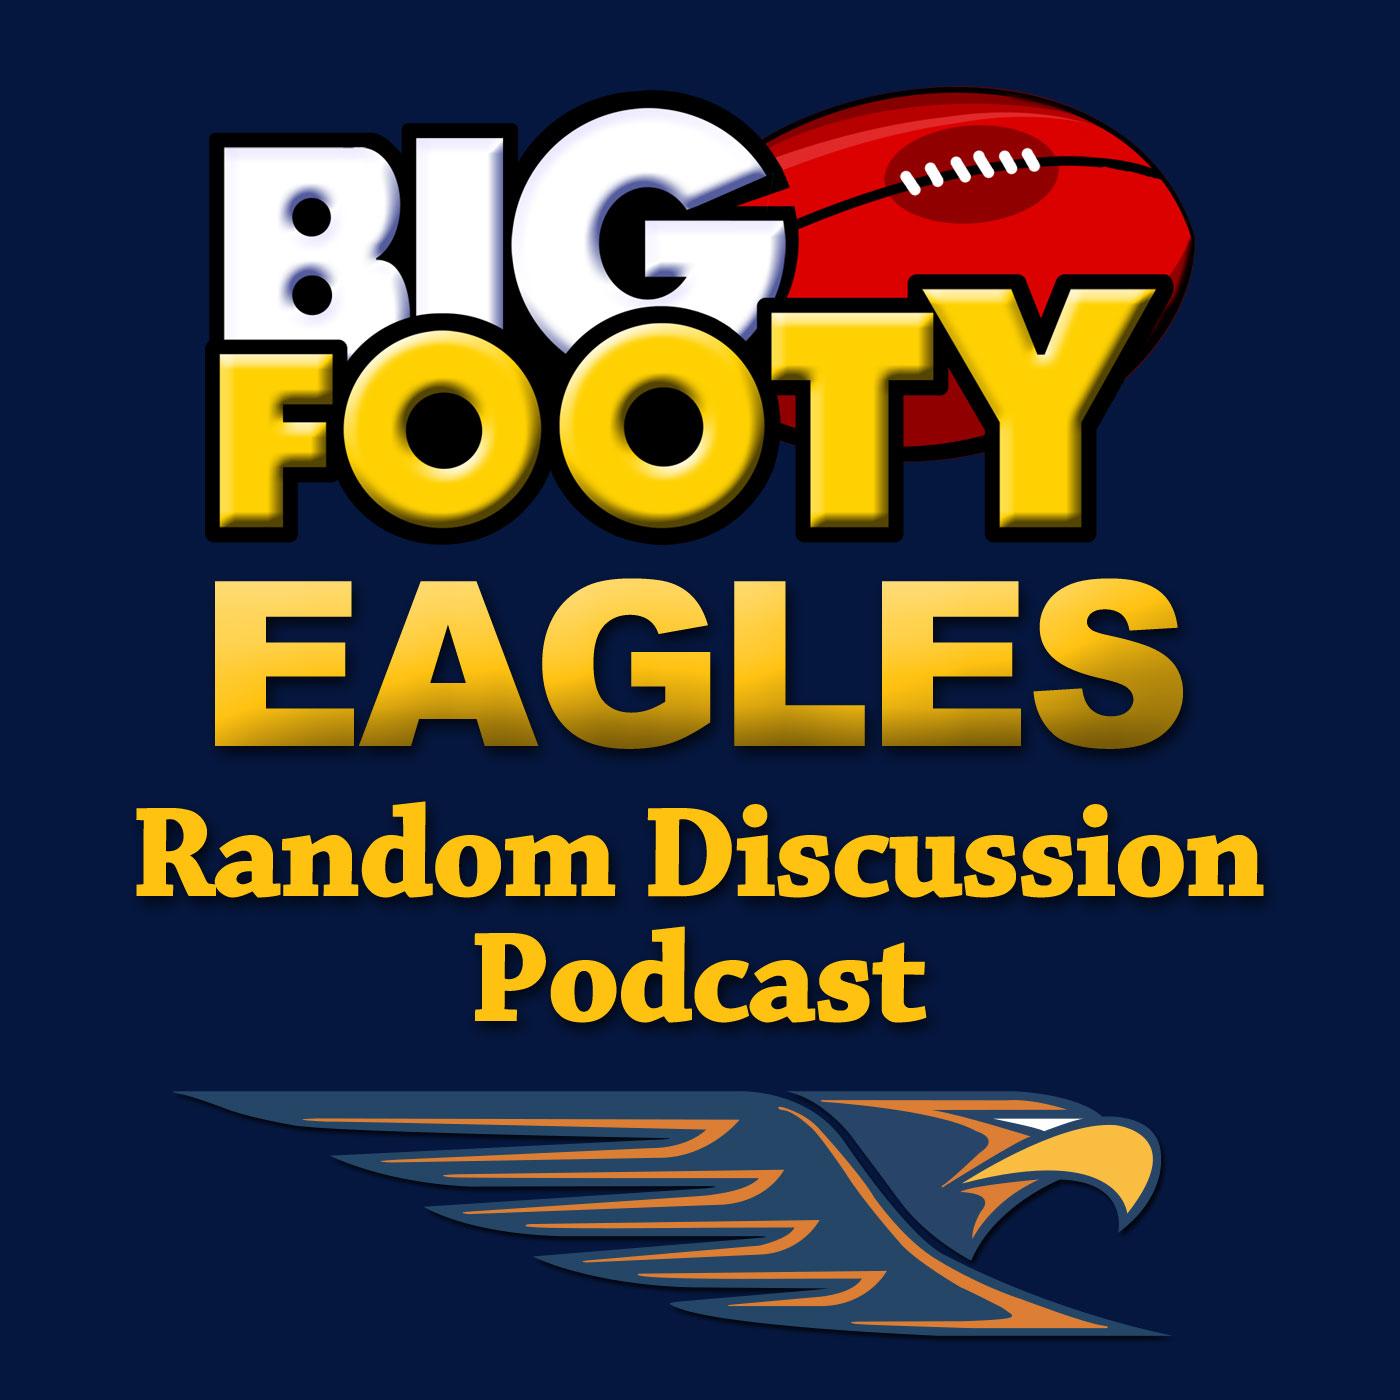 BigFooty Eagles AFL Podcast